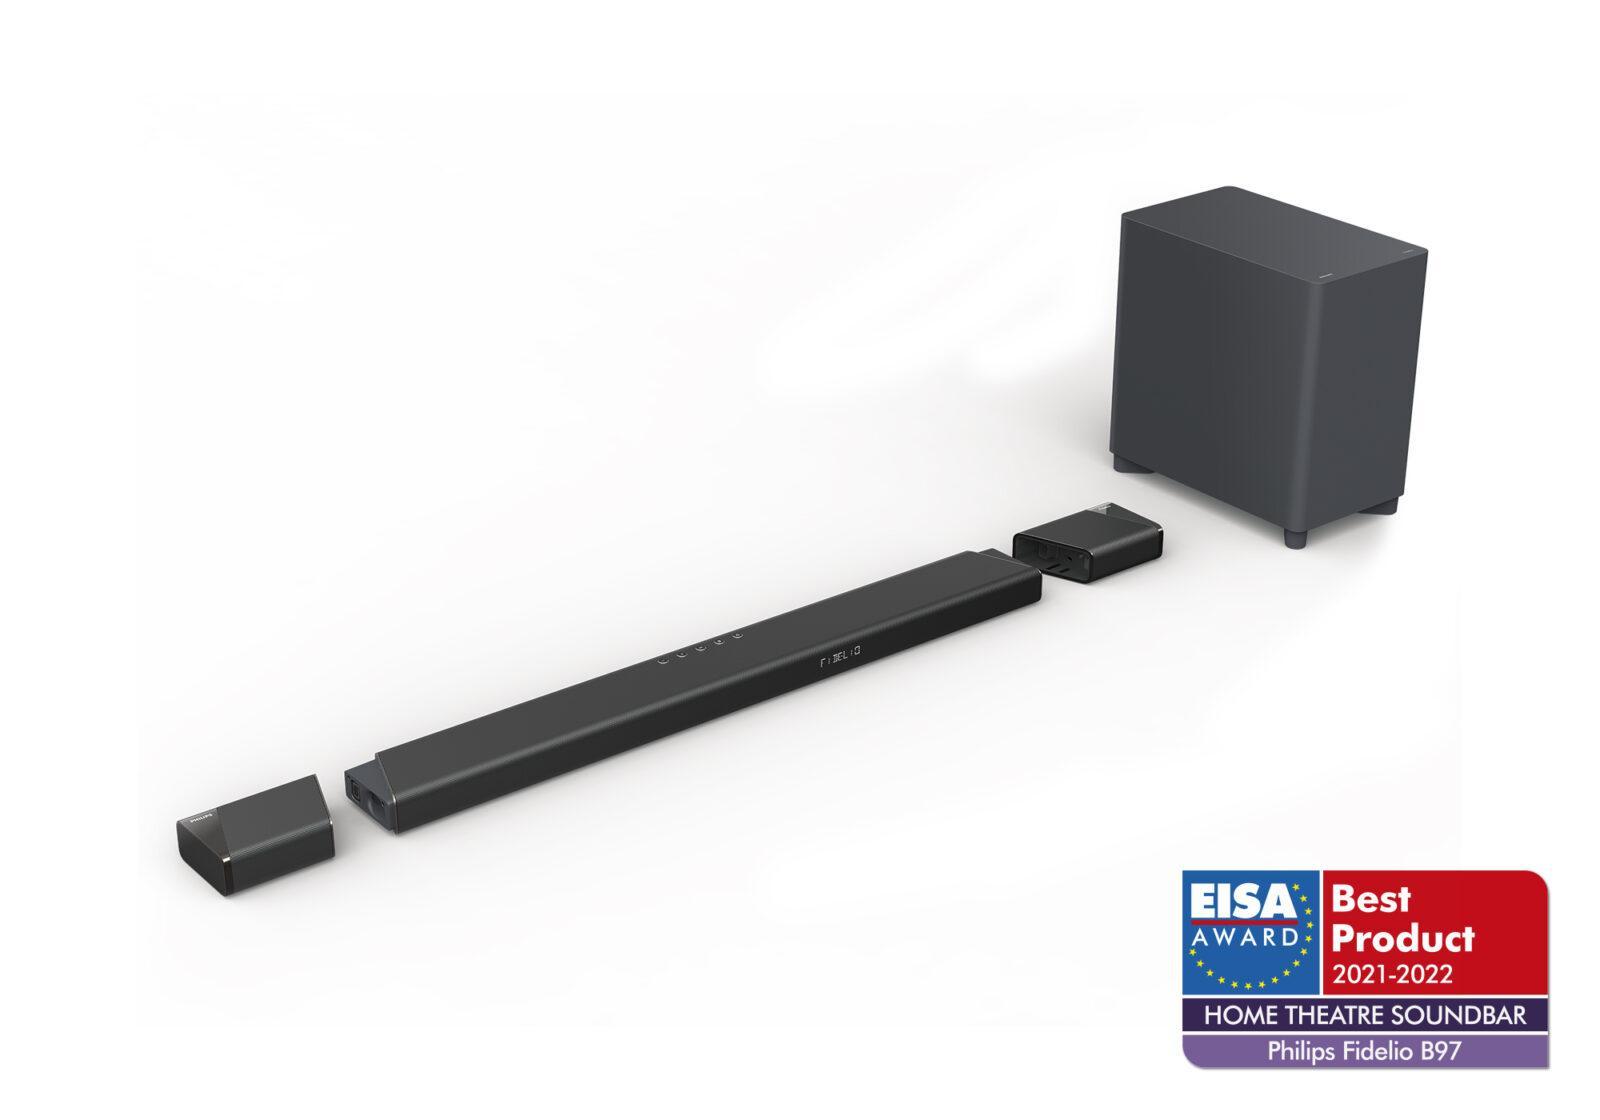 Аудиотехника и телевизоры Philips получили четыре премии EISA (fidelio b97 render)